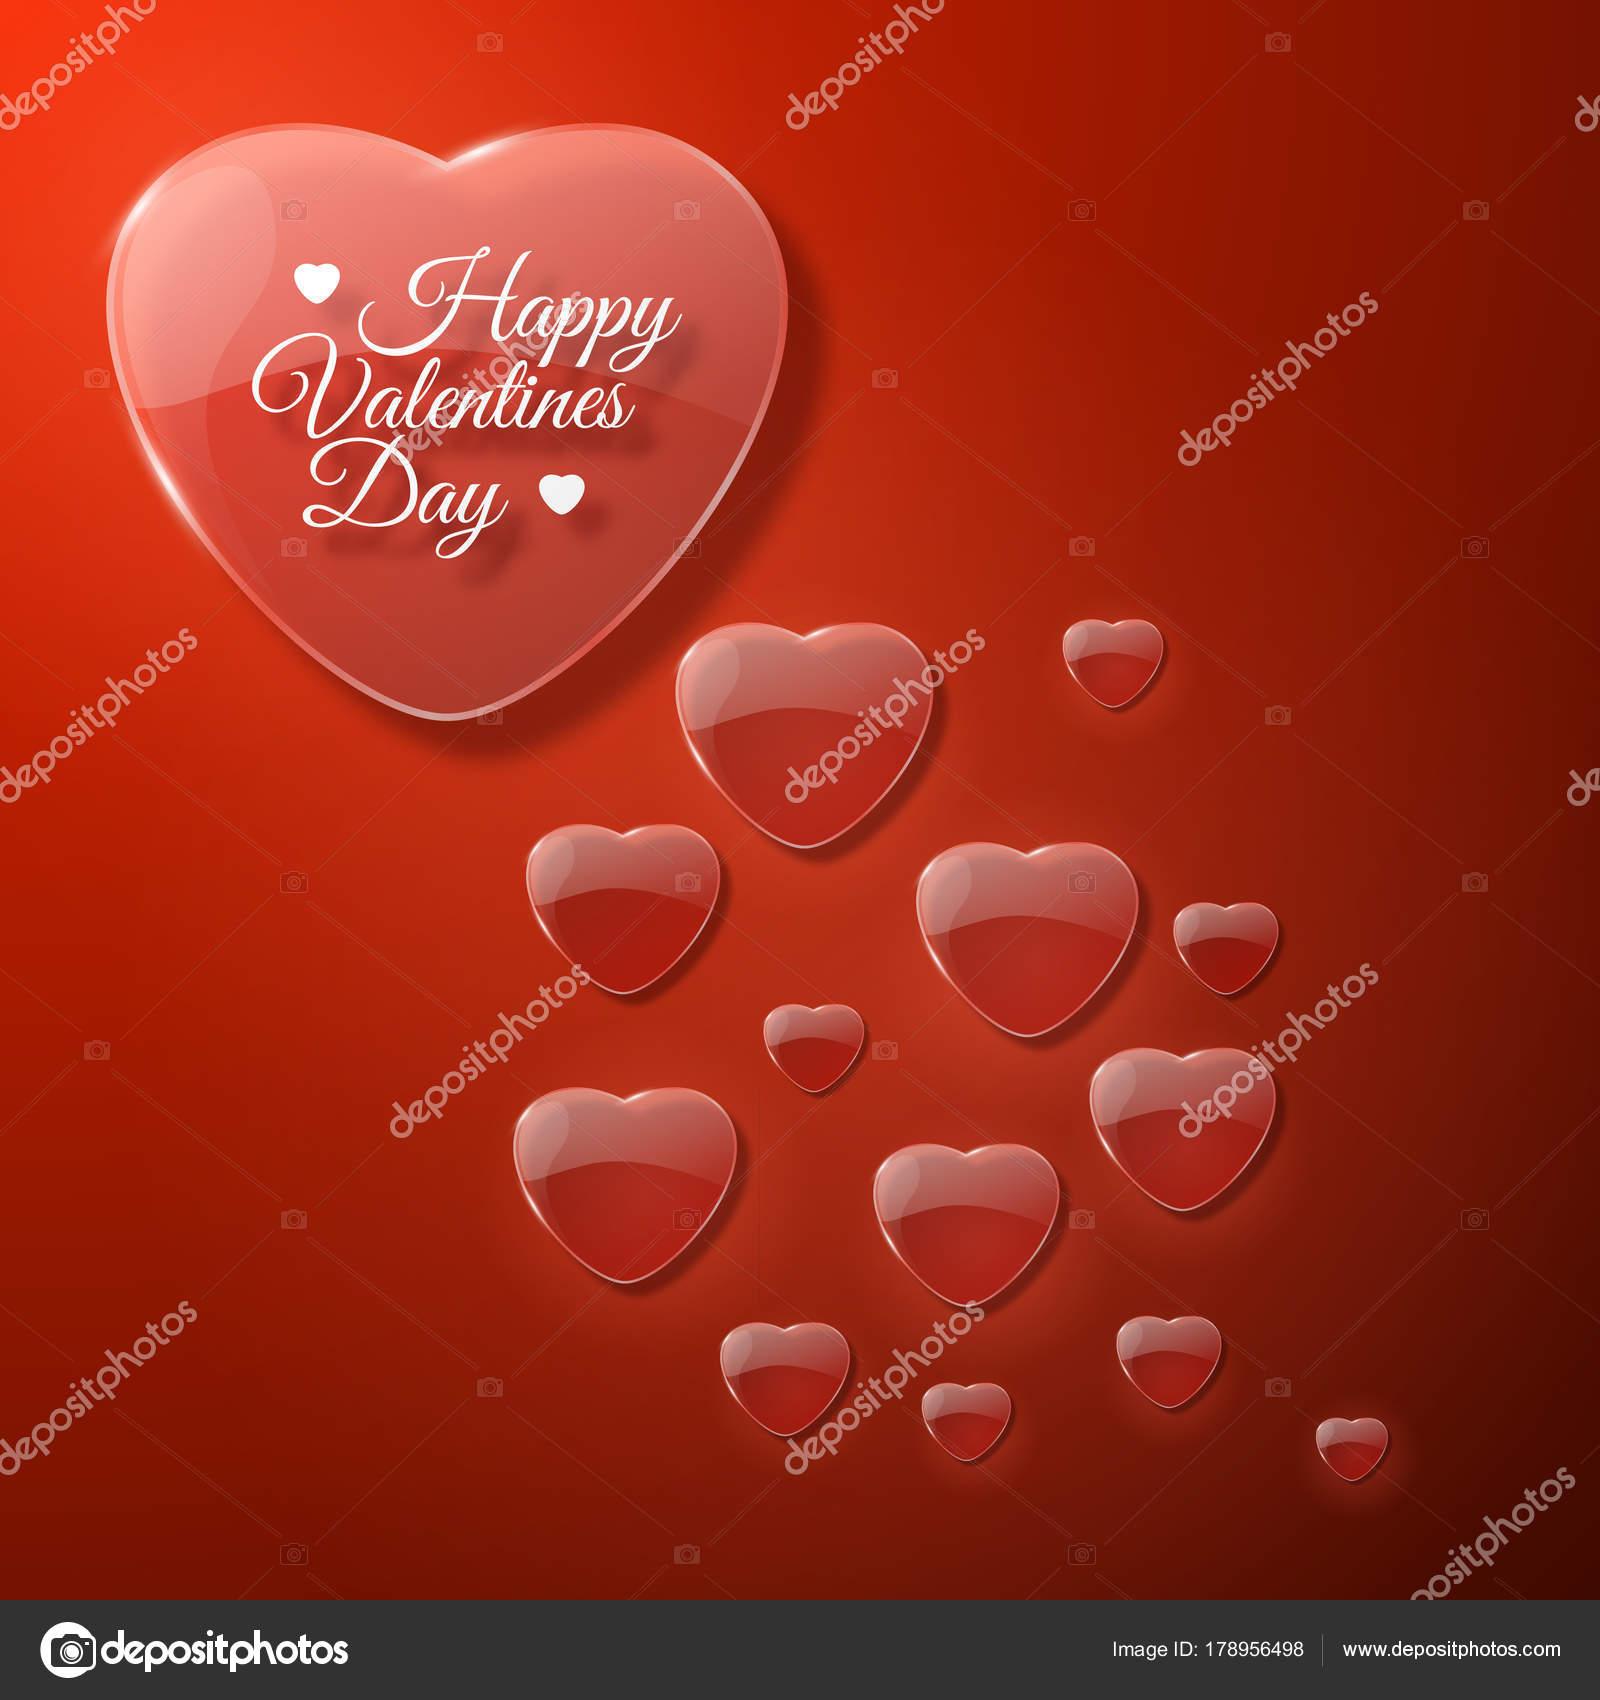 Fotos Feliz Dia Del Cariño Feliz Día De San Valentín Fondo